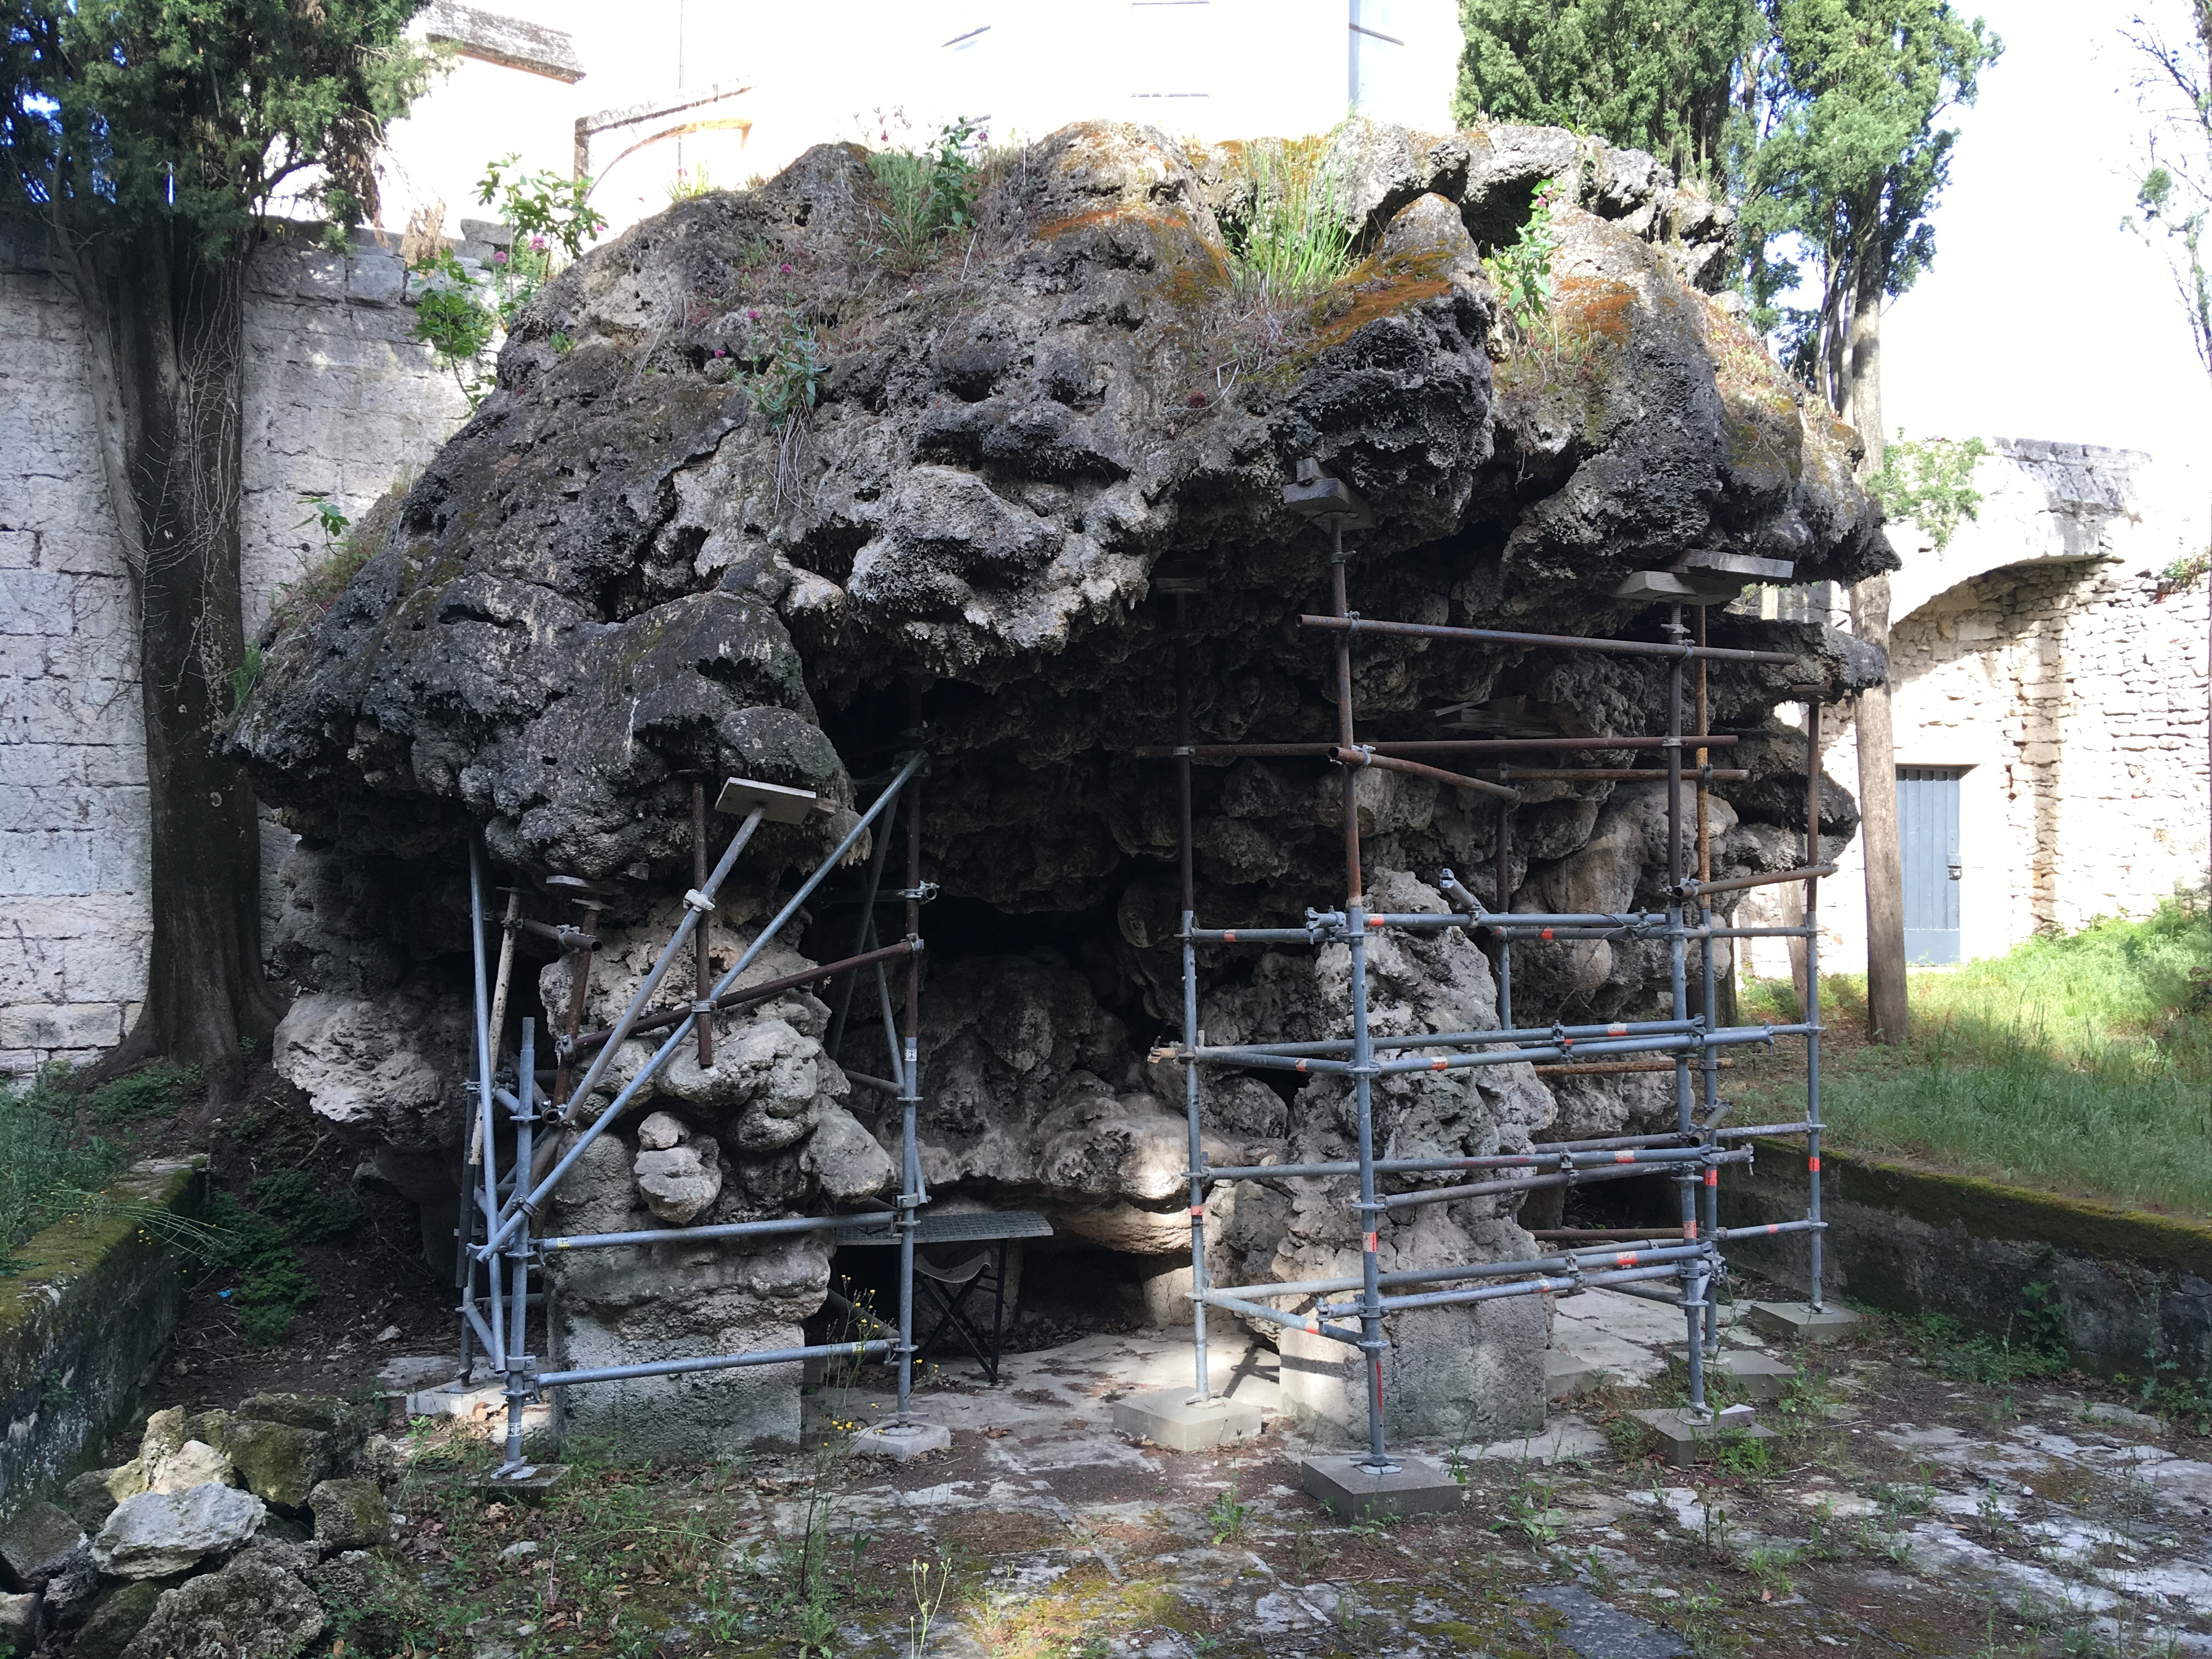 CASCADES ET GRAND BASSIN DU PARC DU CHATEAU CASTRIES